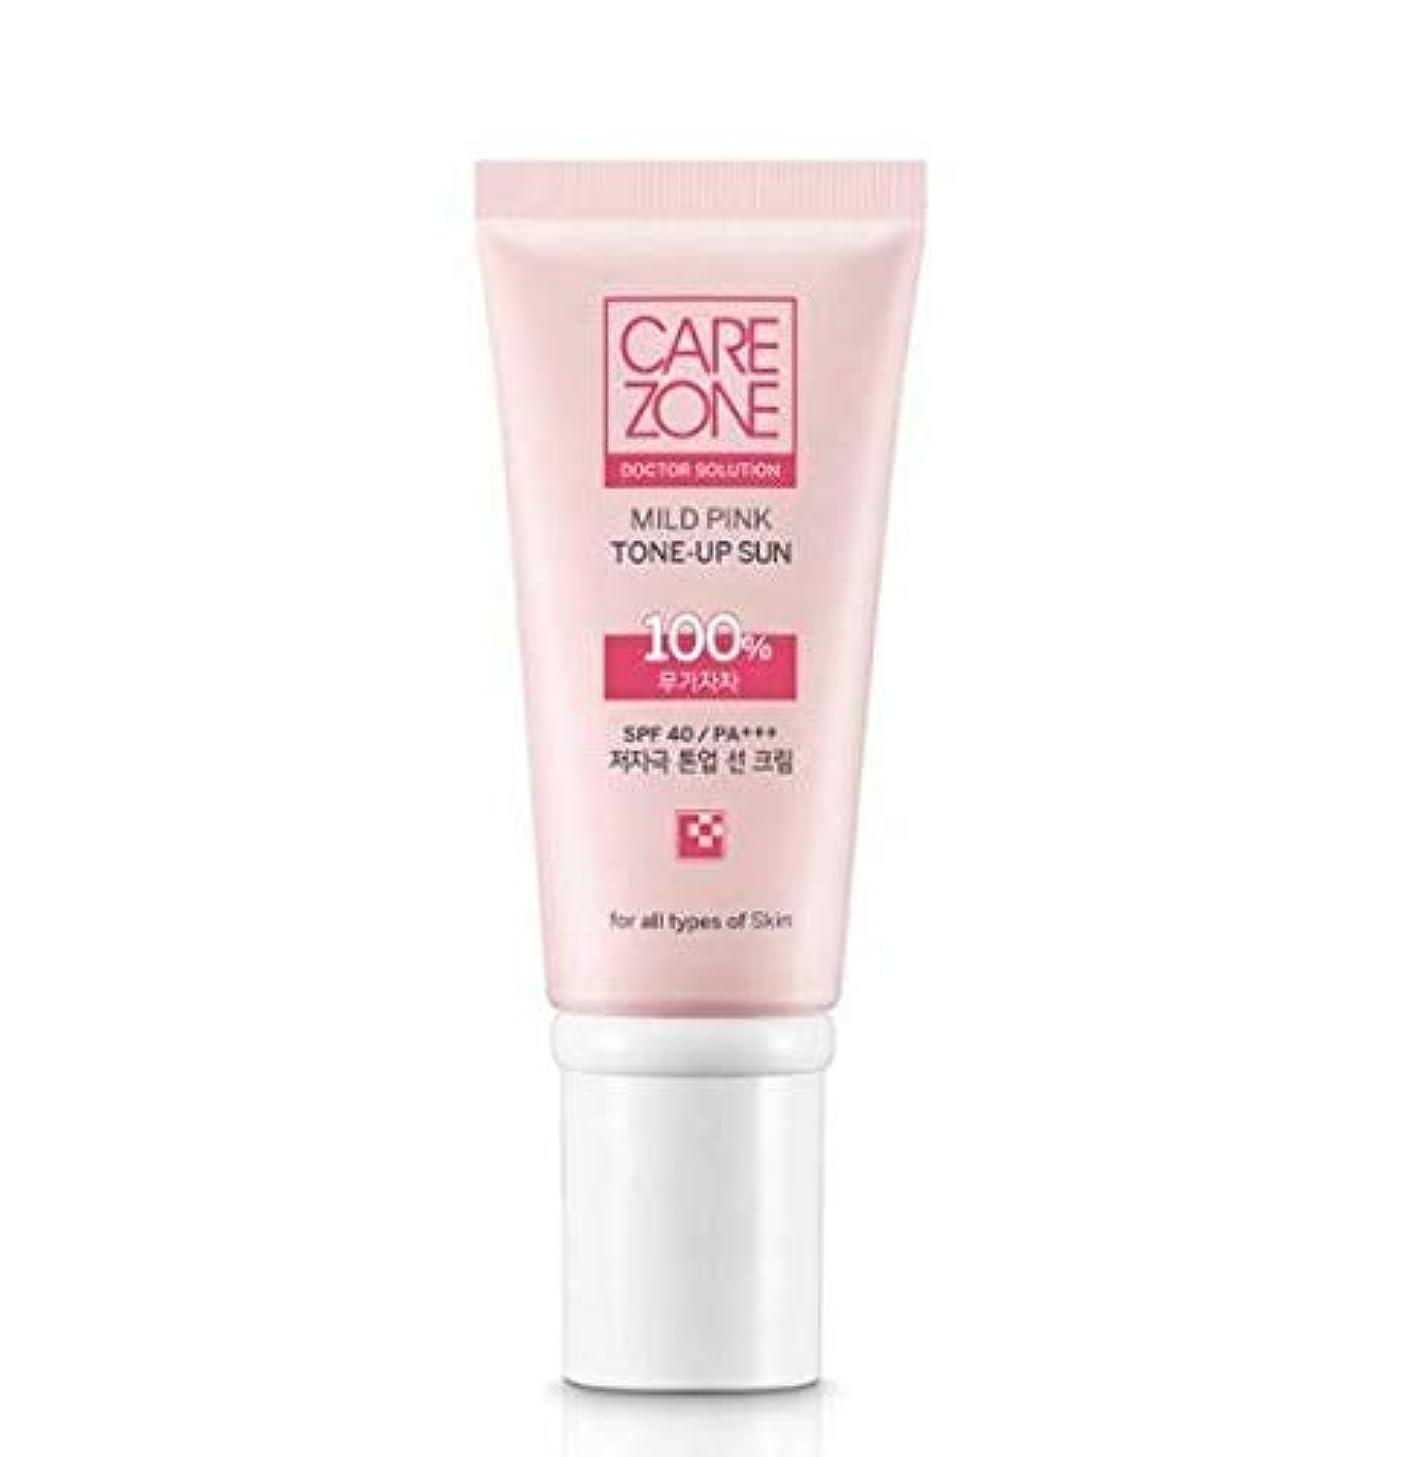 ケアゾーン CAREZONE Doctor Solution マイルドピンクトーンアップサン 50ml SPF40/PA+++ Mild Pink Tone-Up Sun